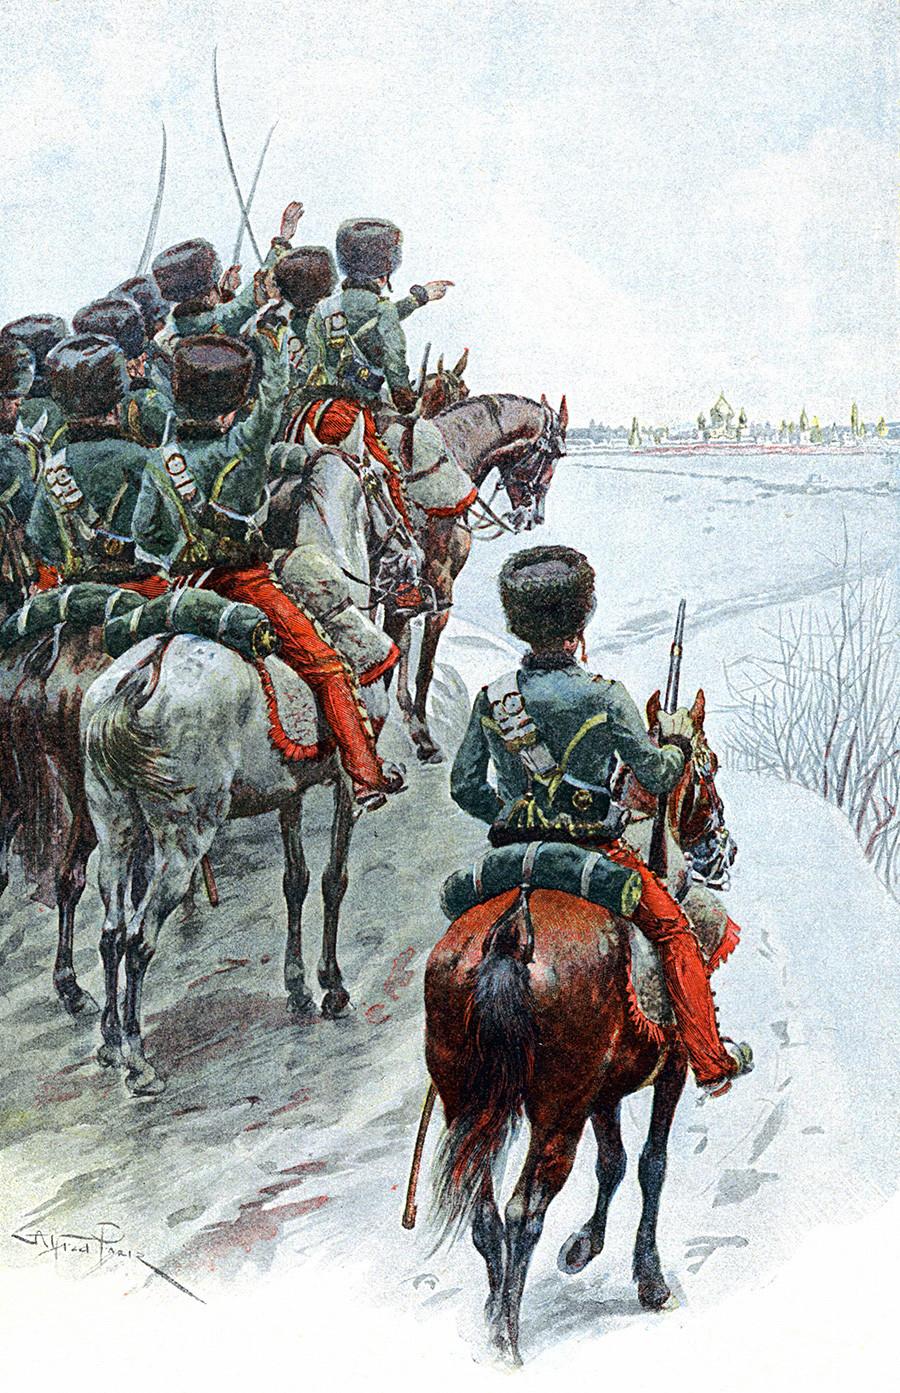 「大陸軍」の名で知られる、ナポレオン率いるフランス軍がモスクワを目指す、1812年。